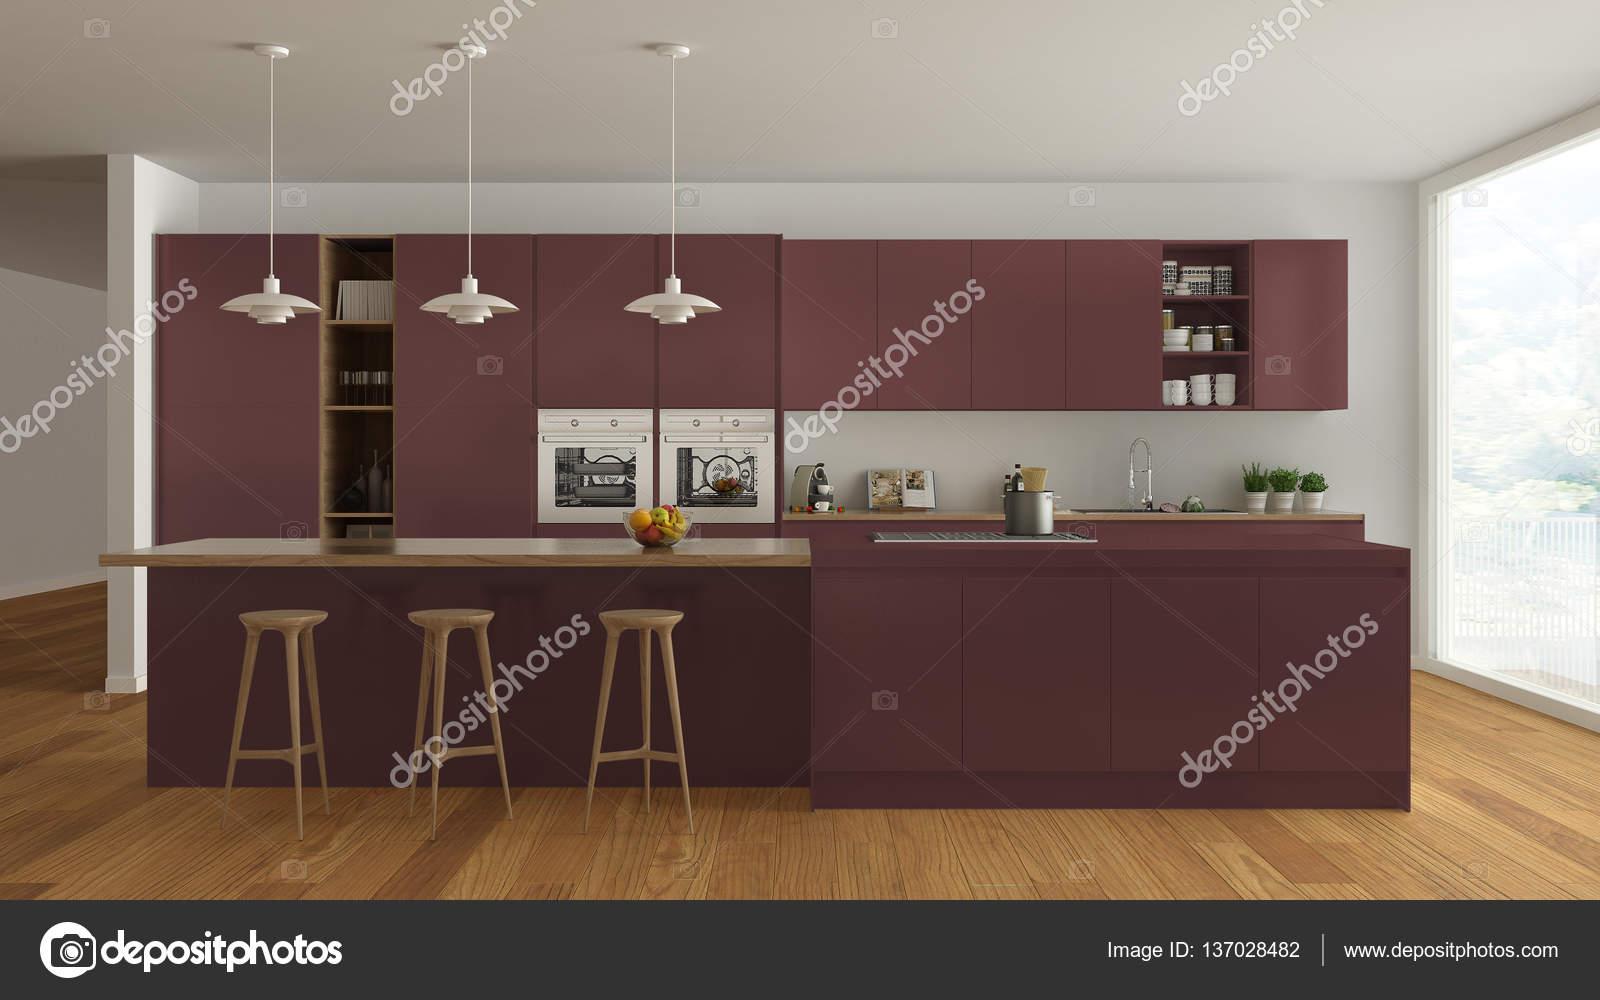 Cucina scandinava bianca con dettagli in legno e rosso, minimali ...